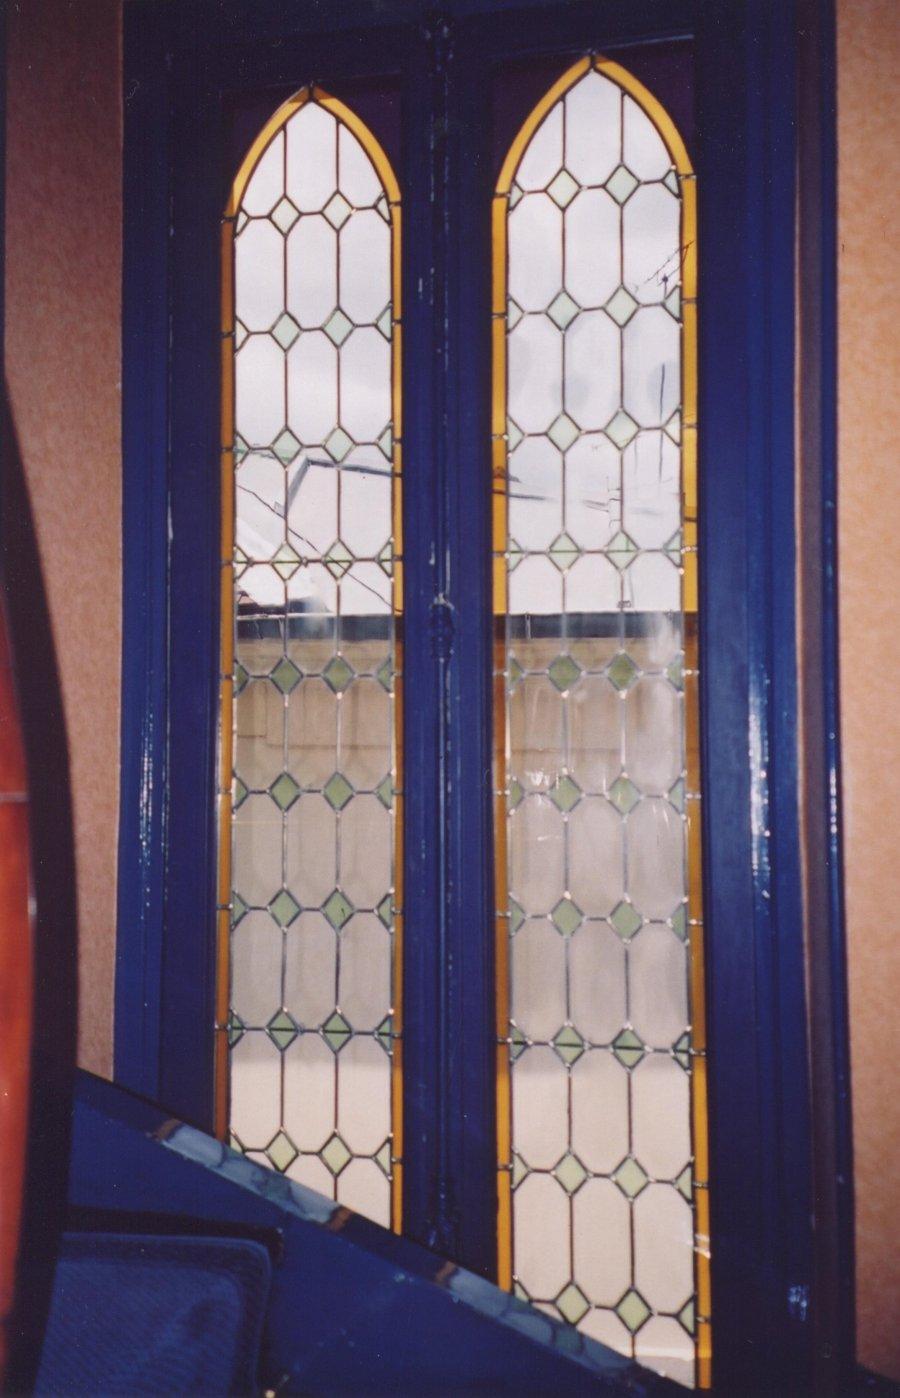 Yves gack crateur de vitraux galerie geometrie for Fenetre escalier